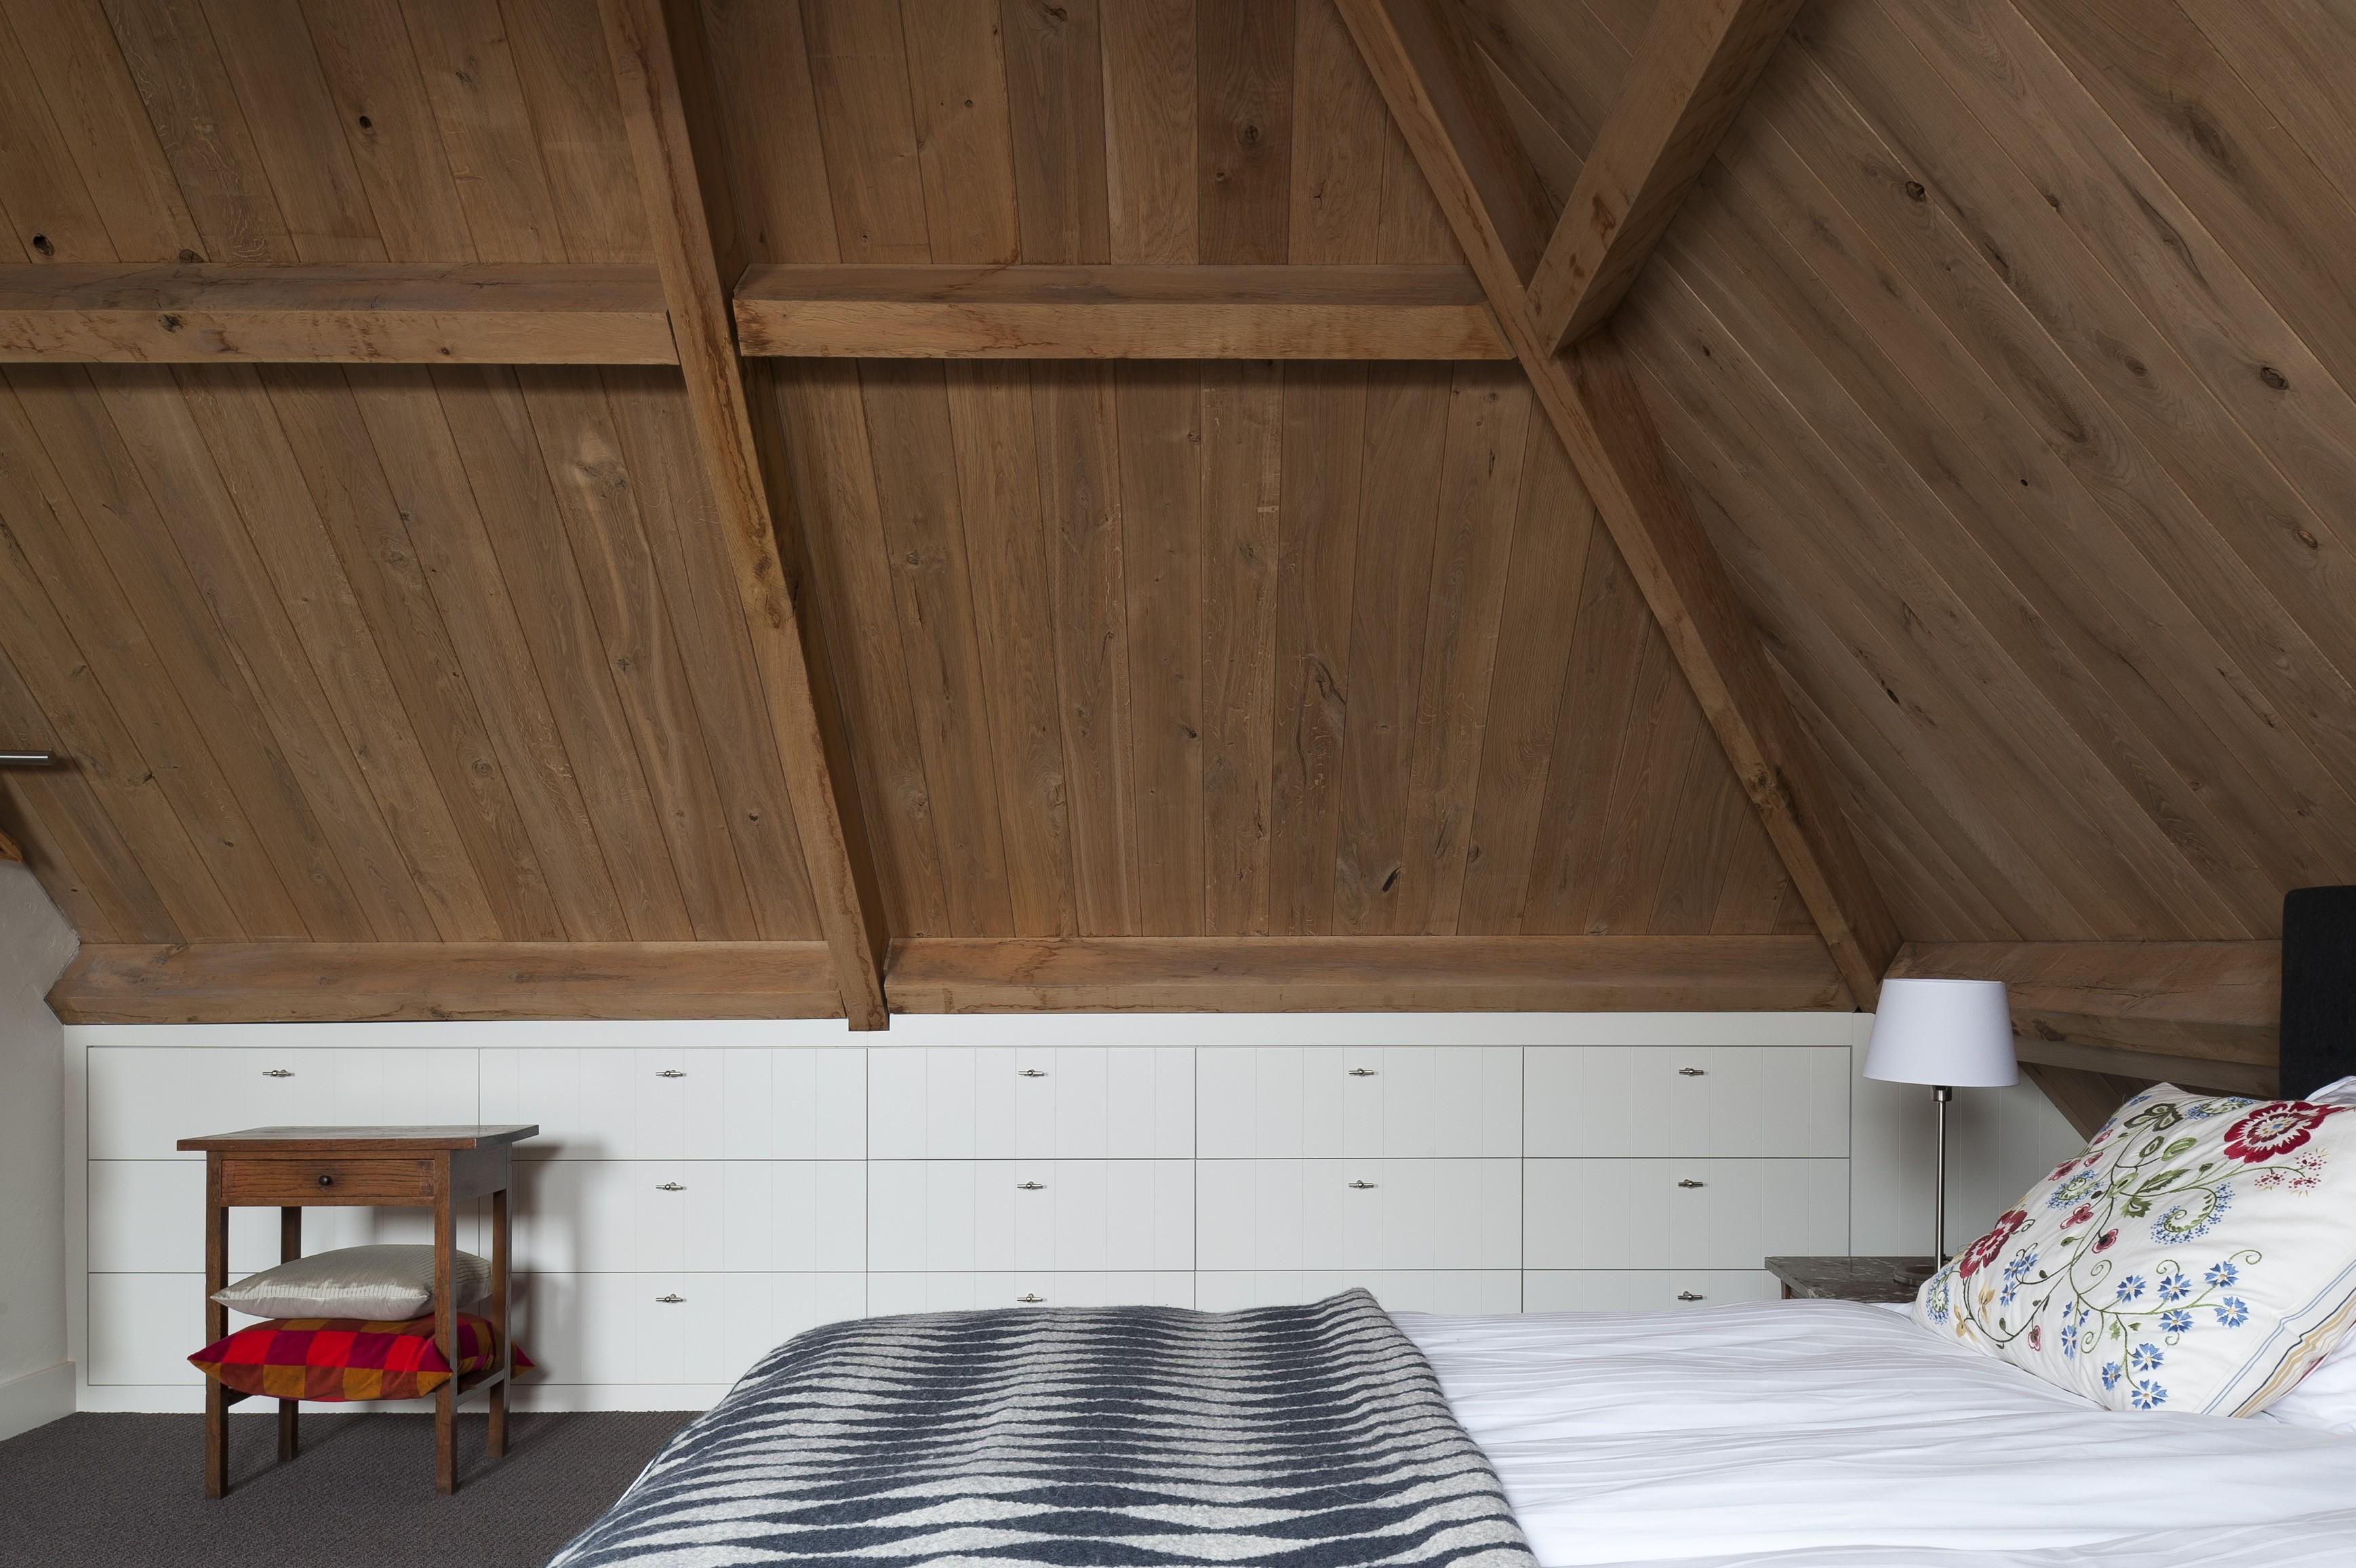 Cottage slaapkamers ontwerp ~ anortiz.com for .